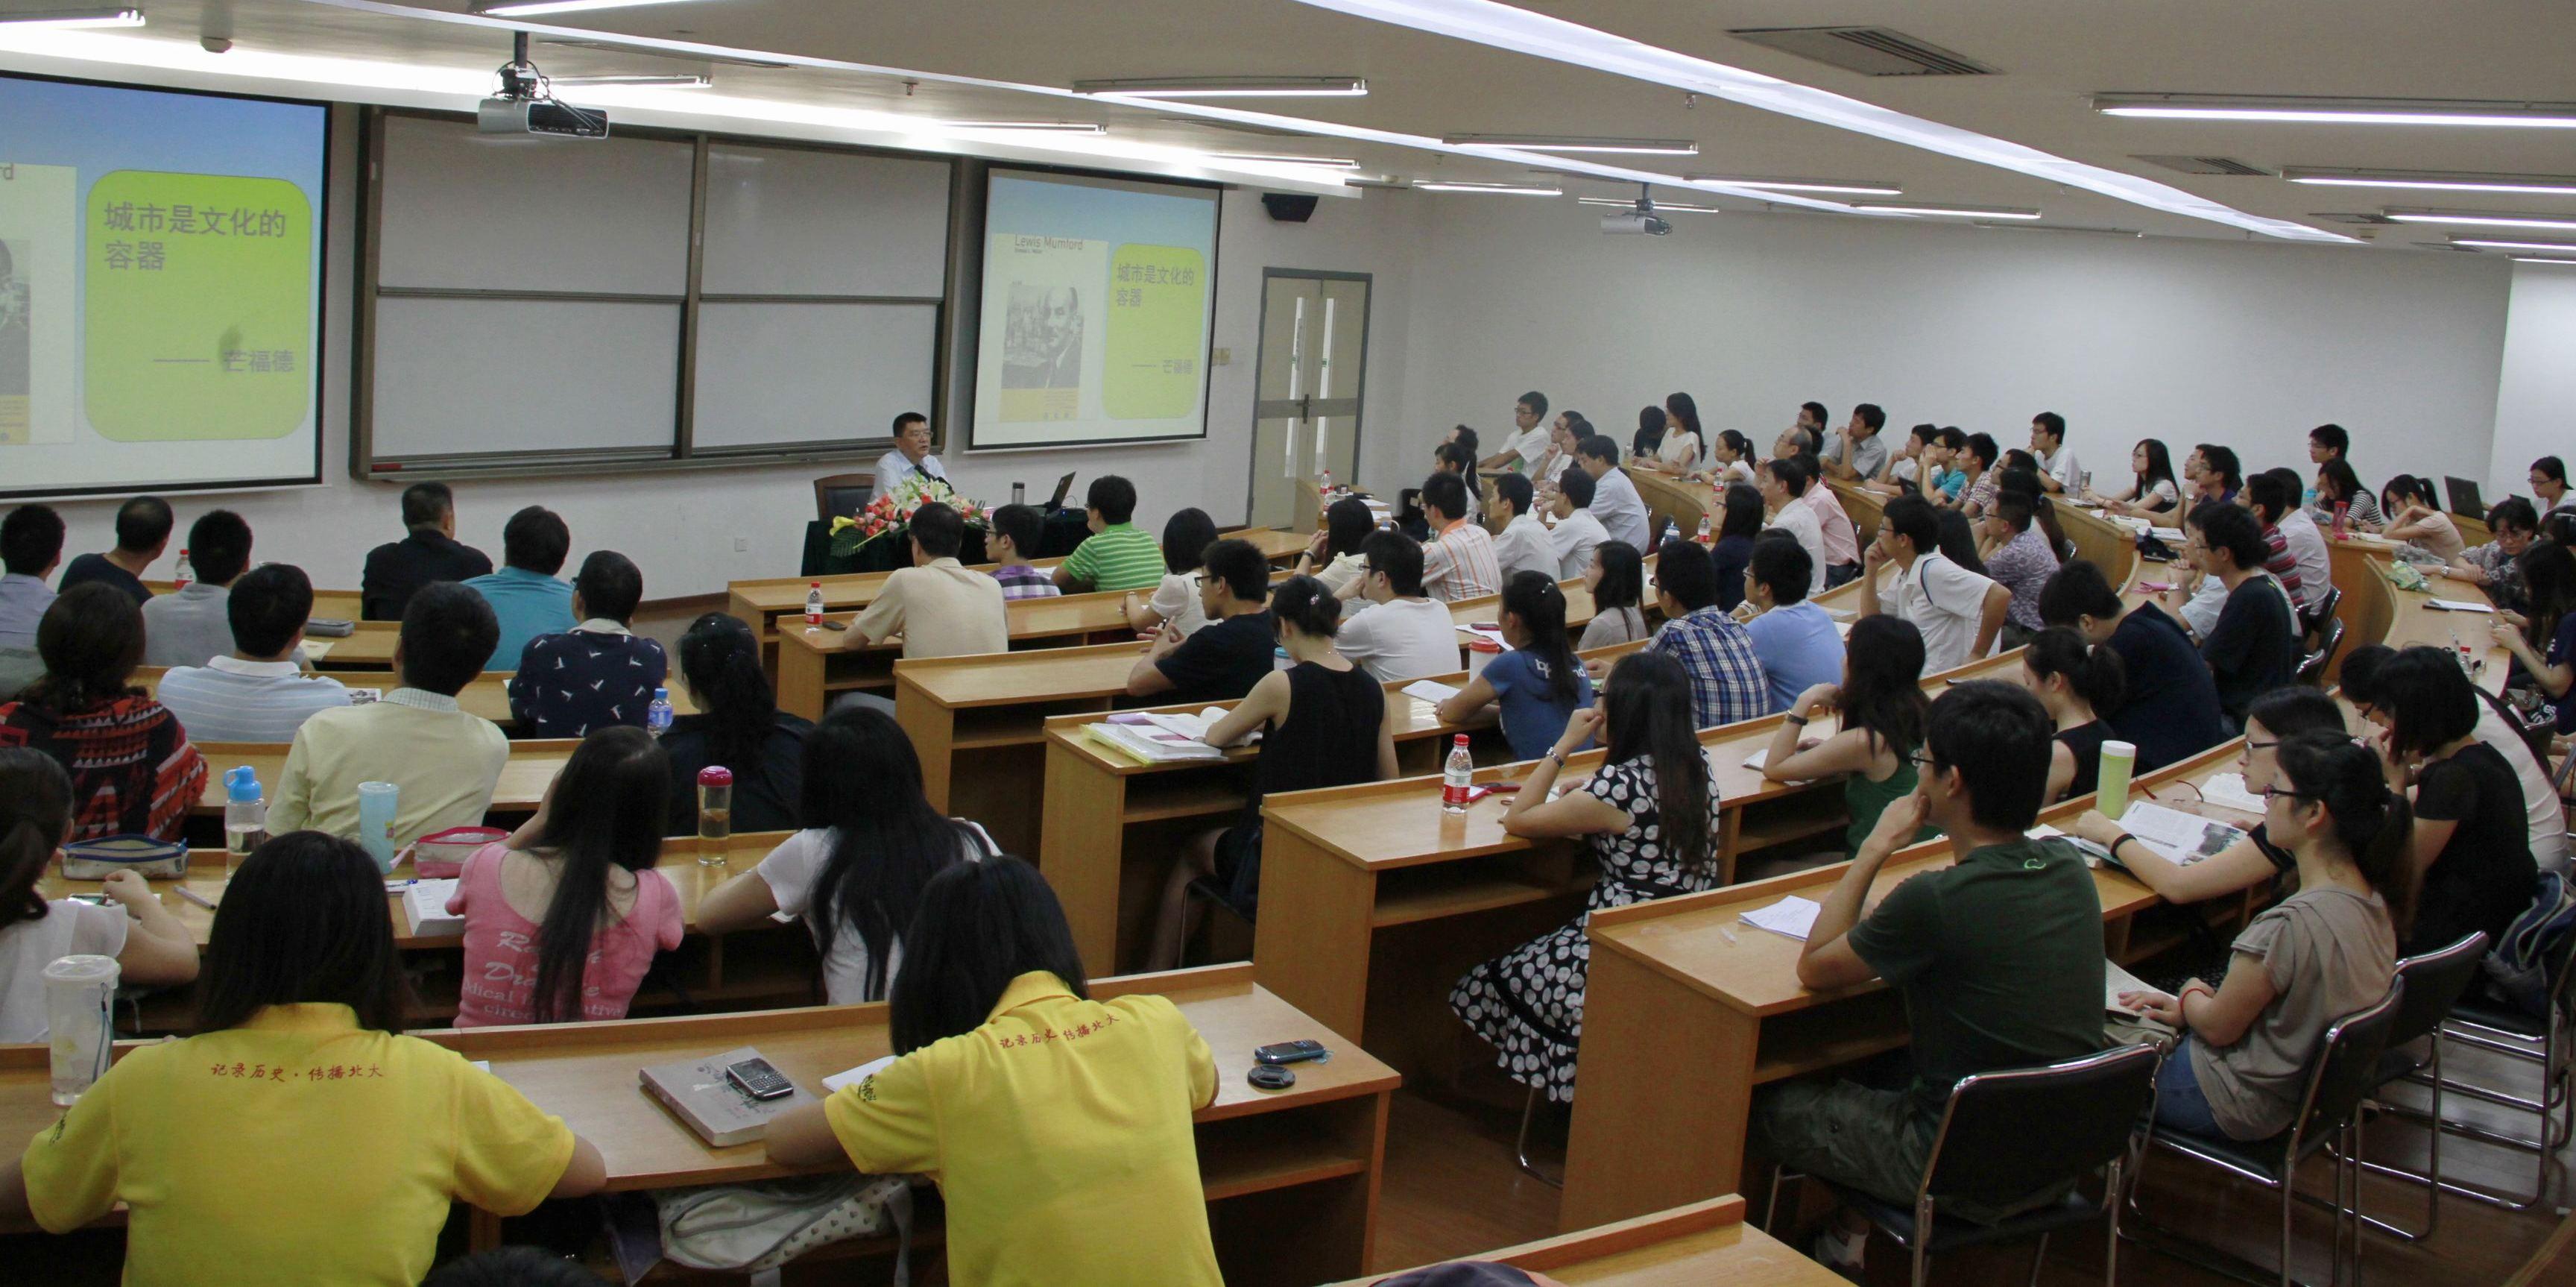 深圳市委常委、宣传部部长王京生受聘4166am备用兼职教授并作学术讲座